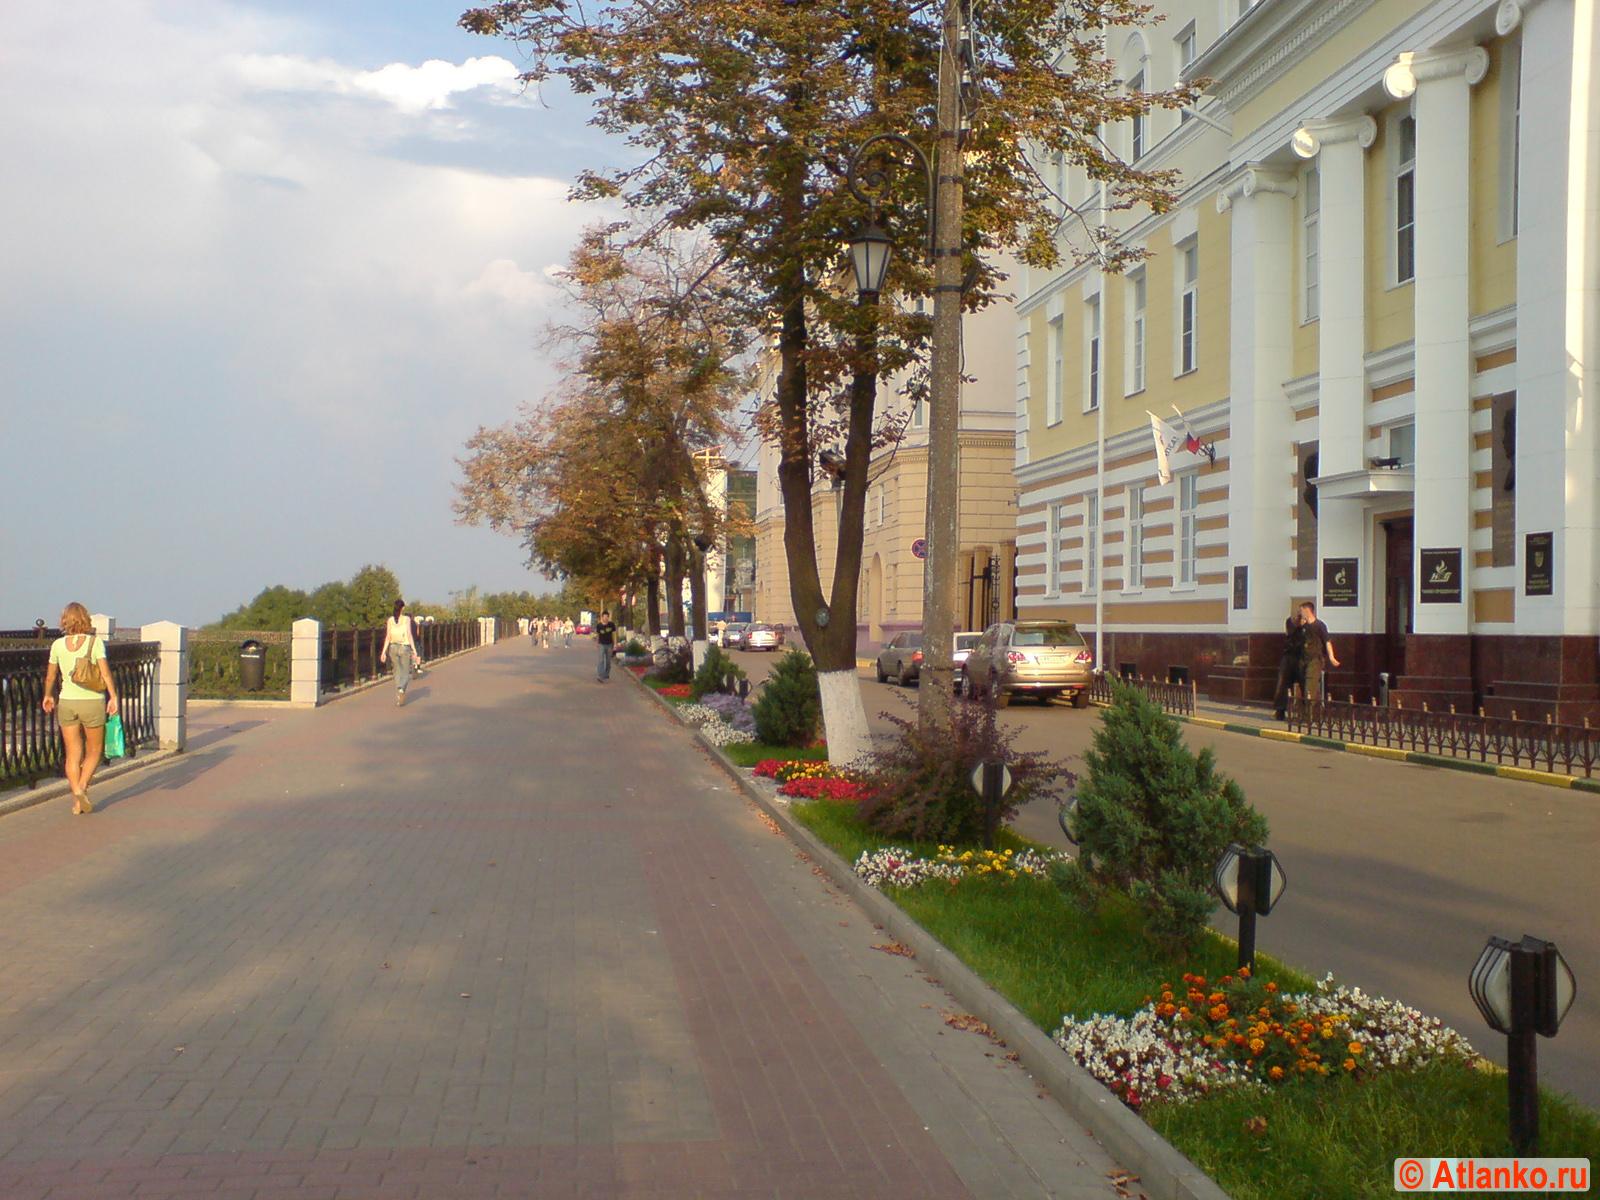 Верхне-Волжская набережная (Нижегородский откос) - улица в исторической части города. Нижний Новгород. Фотография